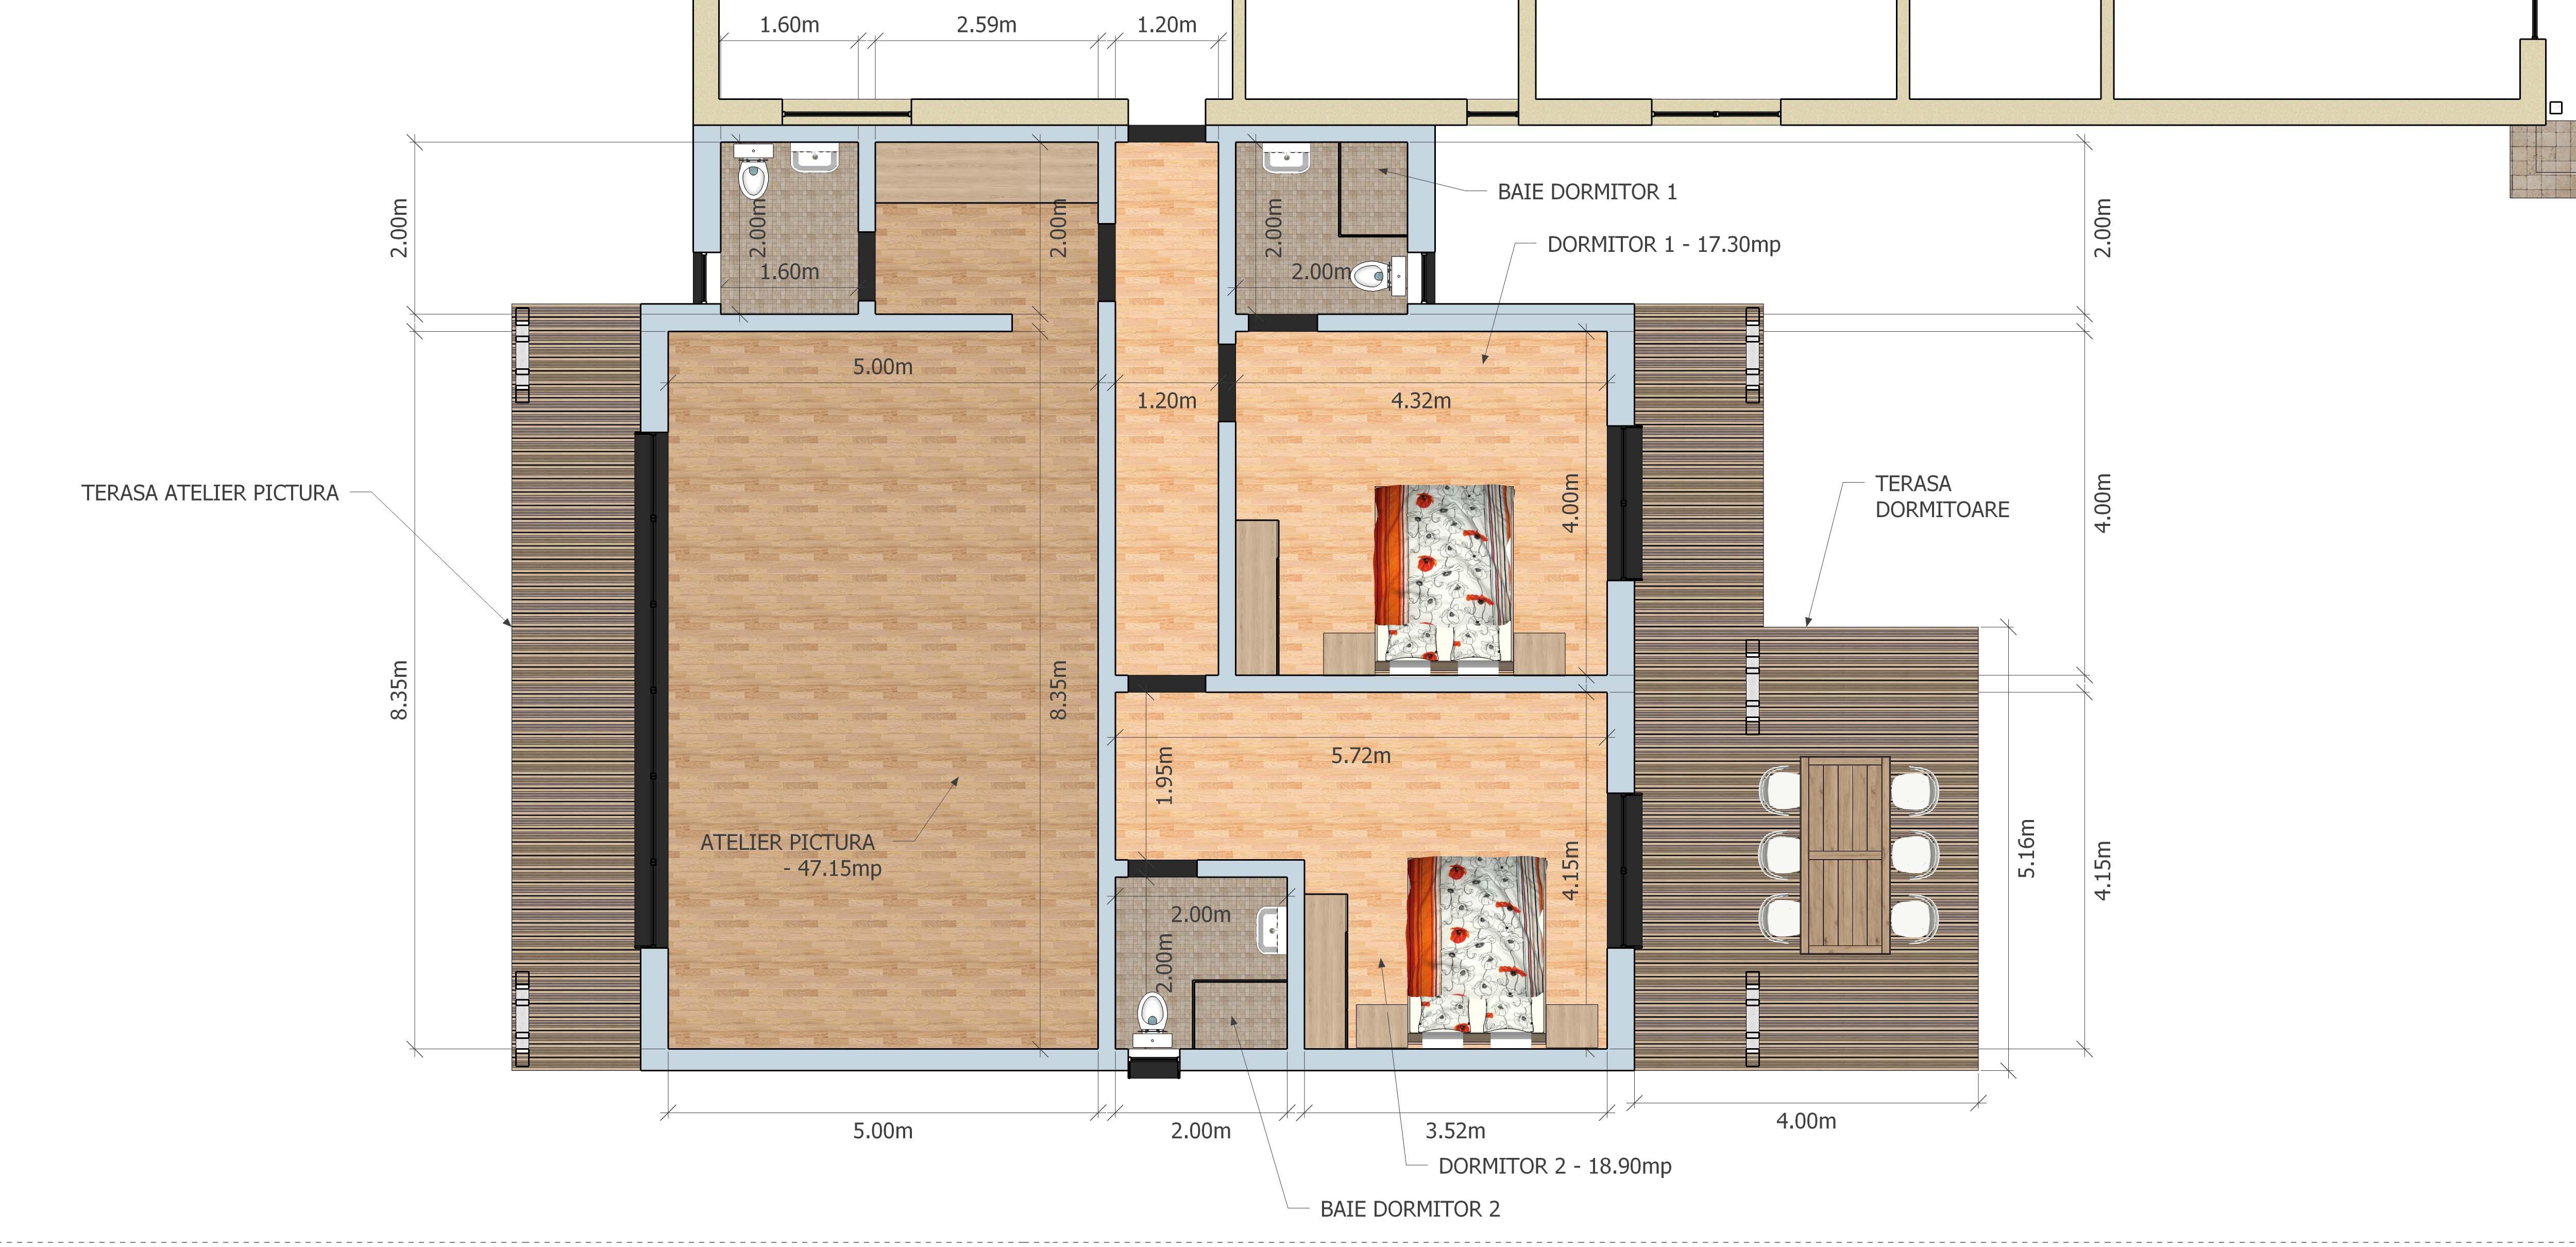 Proiectare case lemn- randare